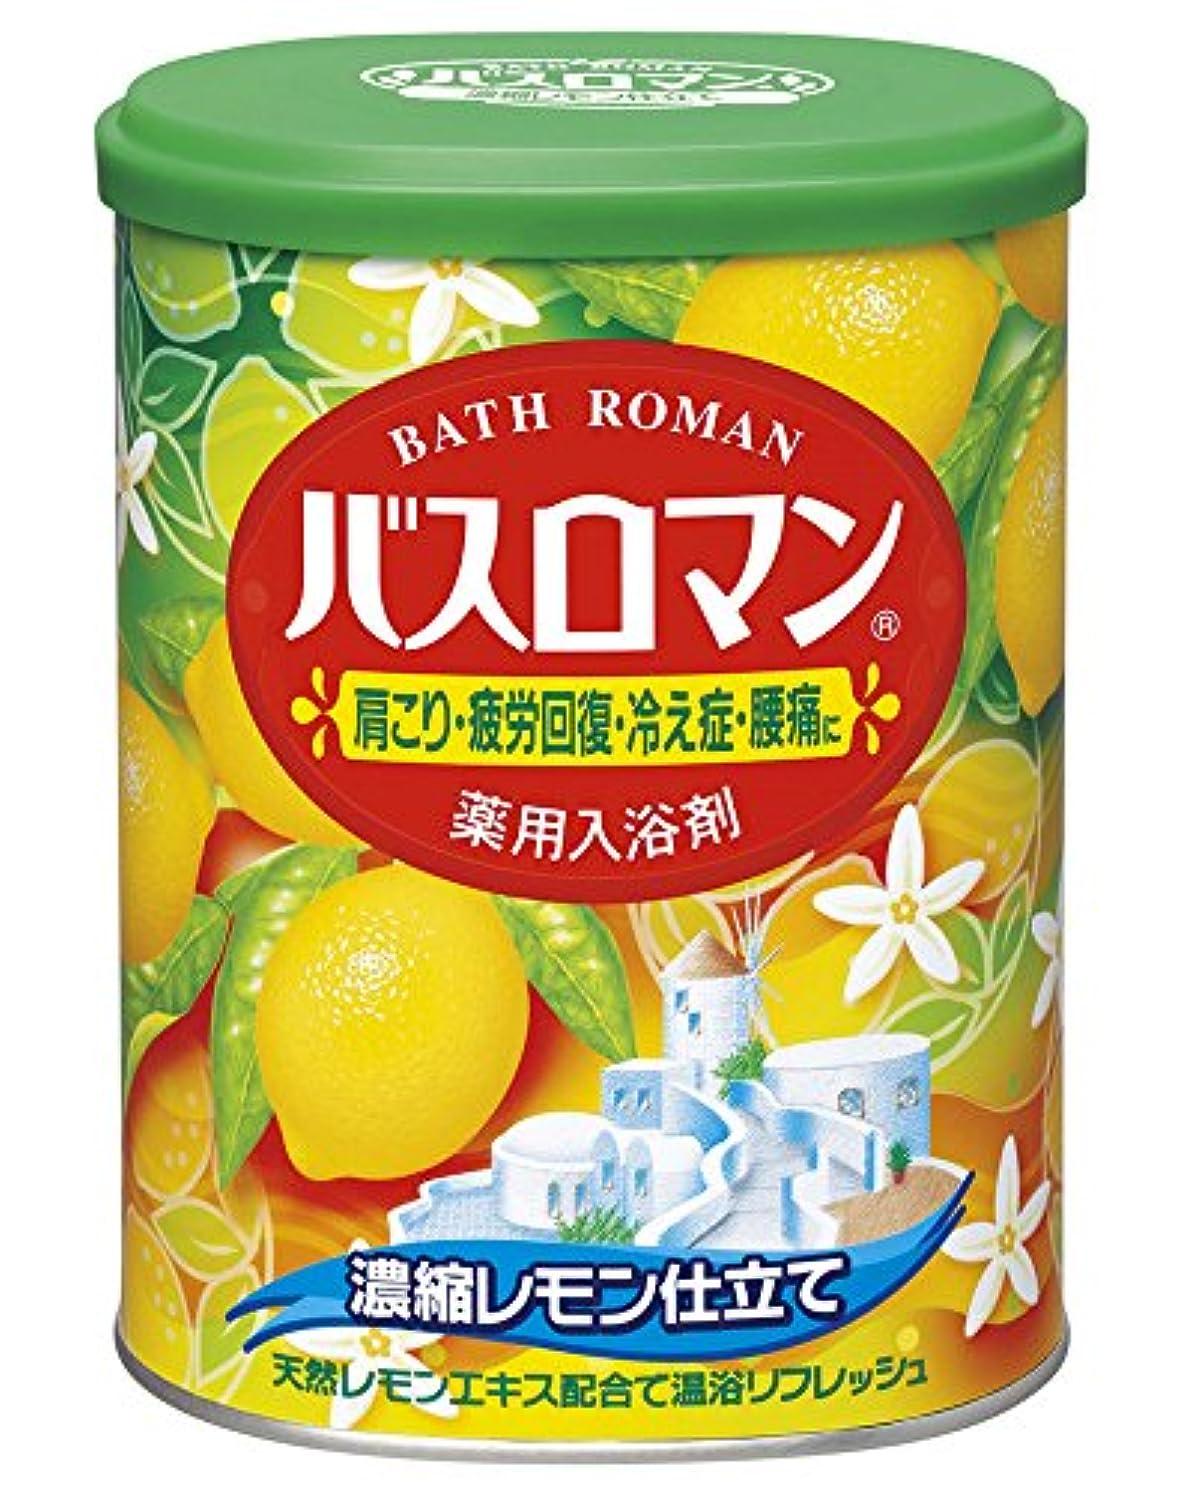 おなじみの座る意図するバスロマン濃縮レモン